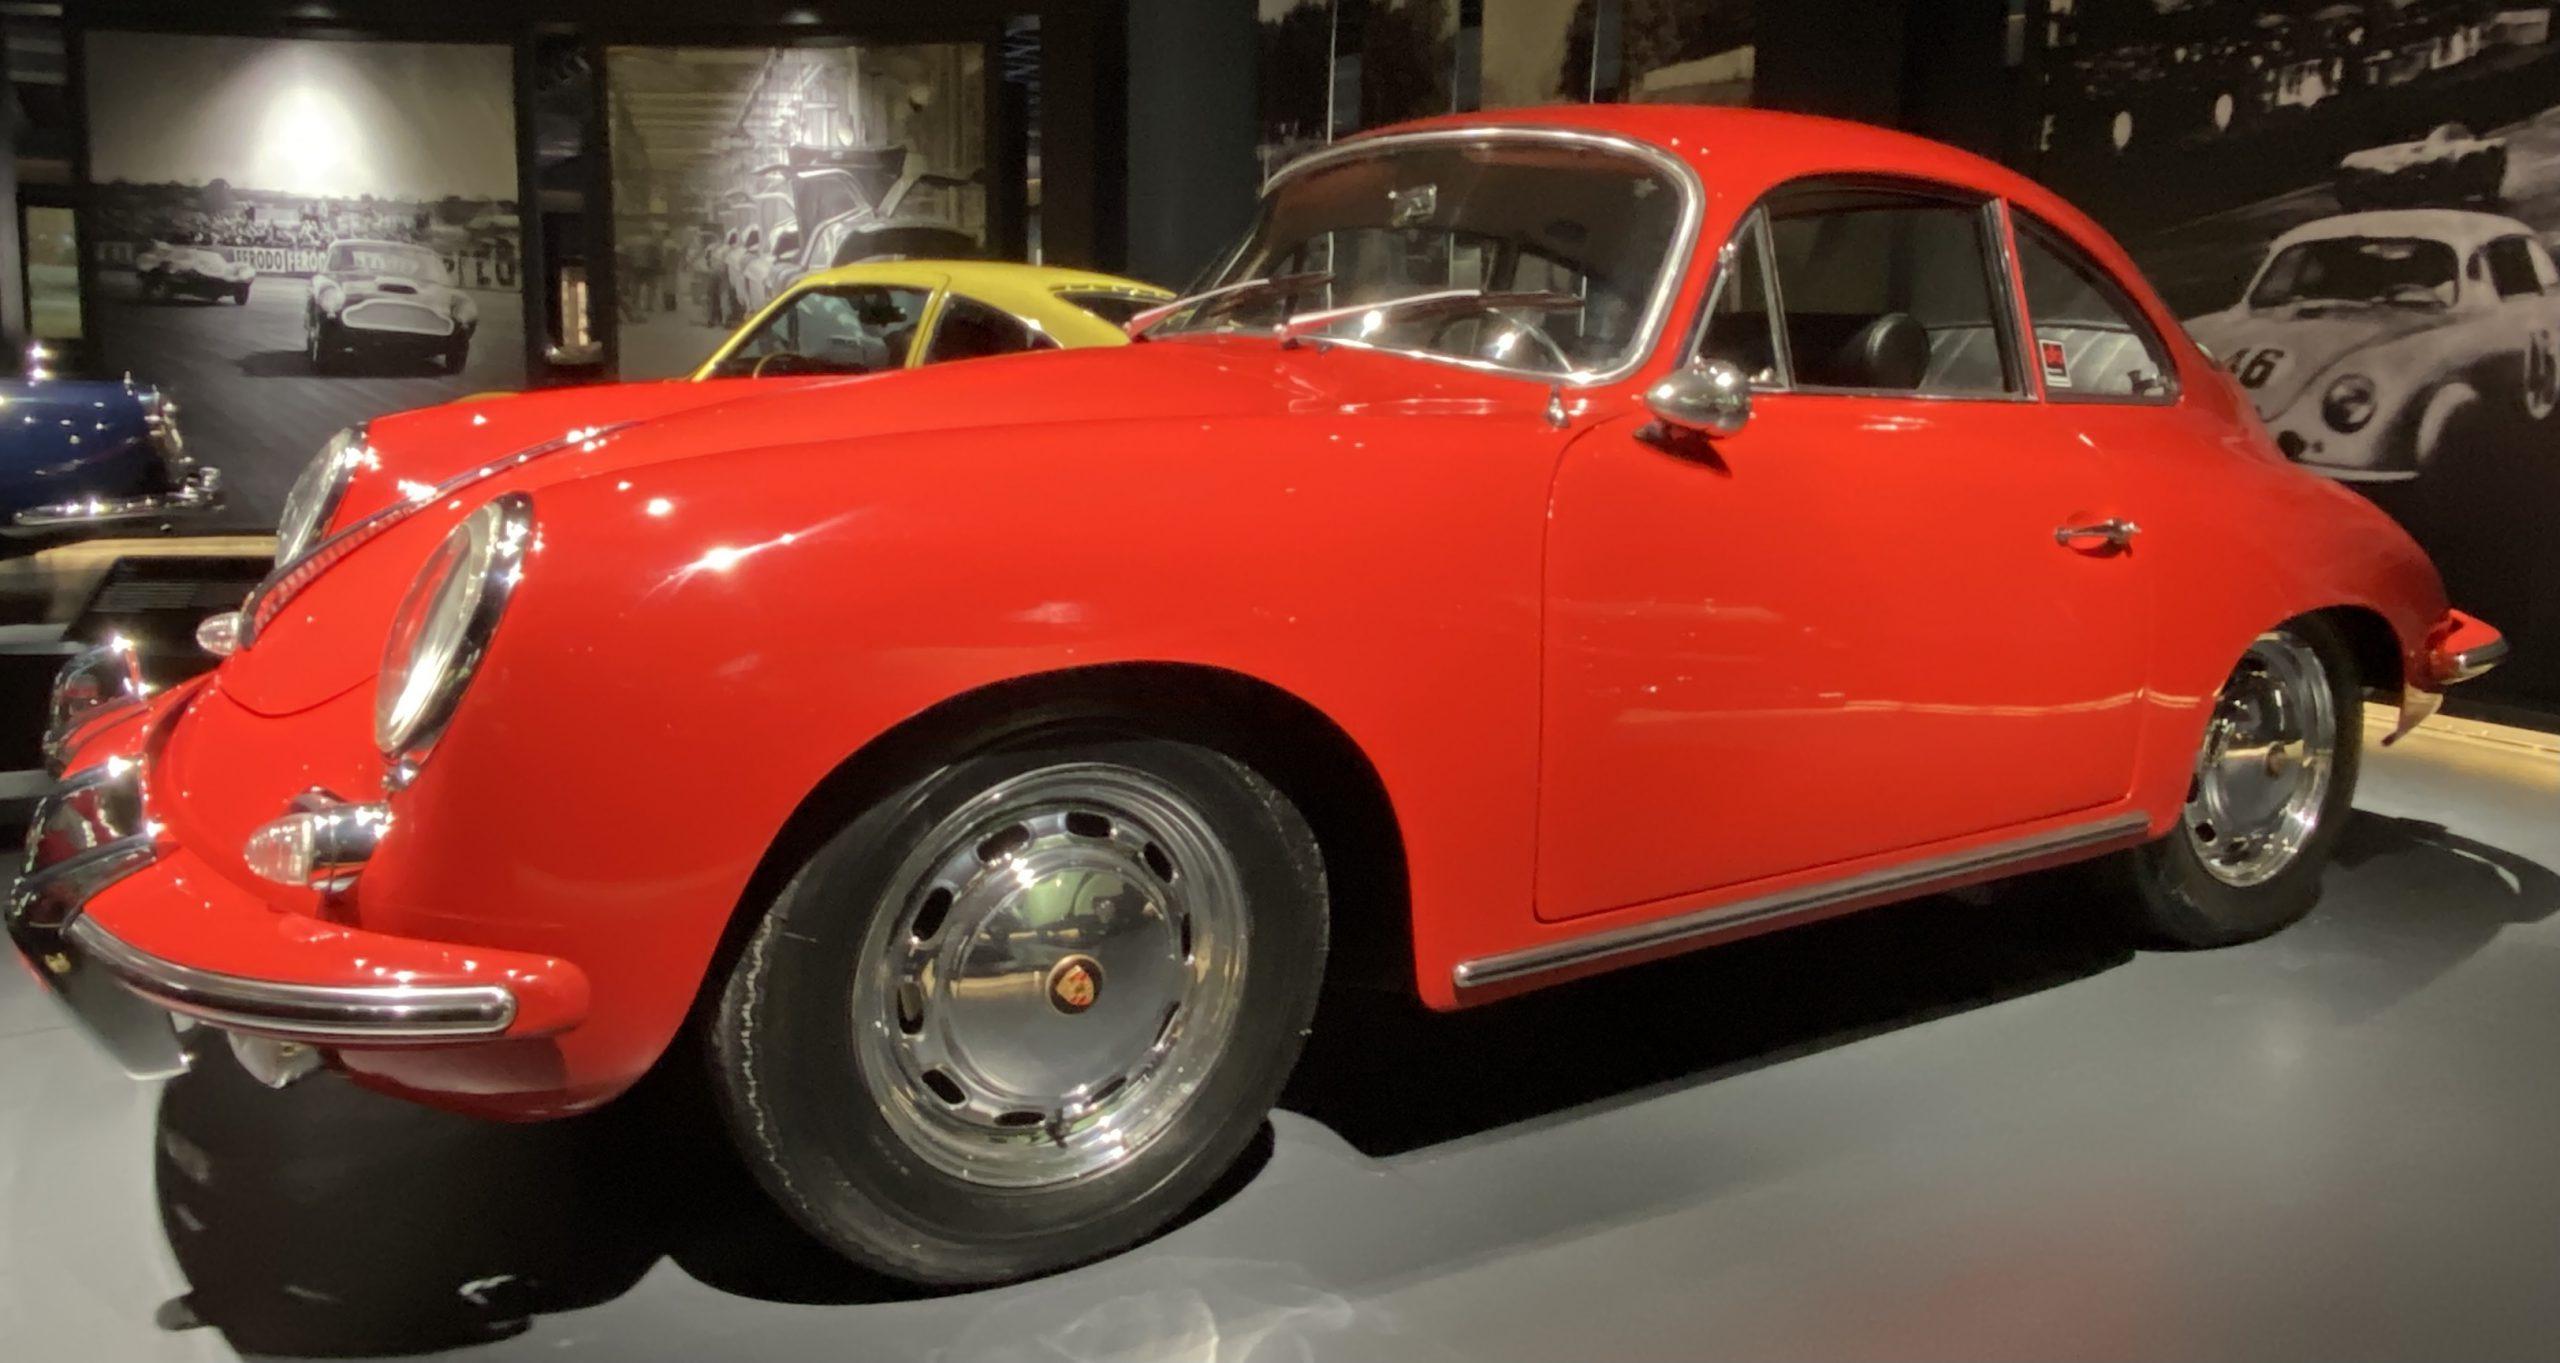 ポルシェ356-Porsche 356-常設展-三和老爺車博物館-成都市-四川省